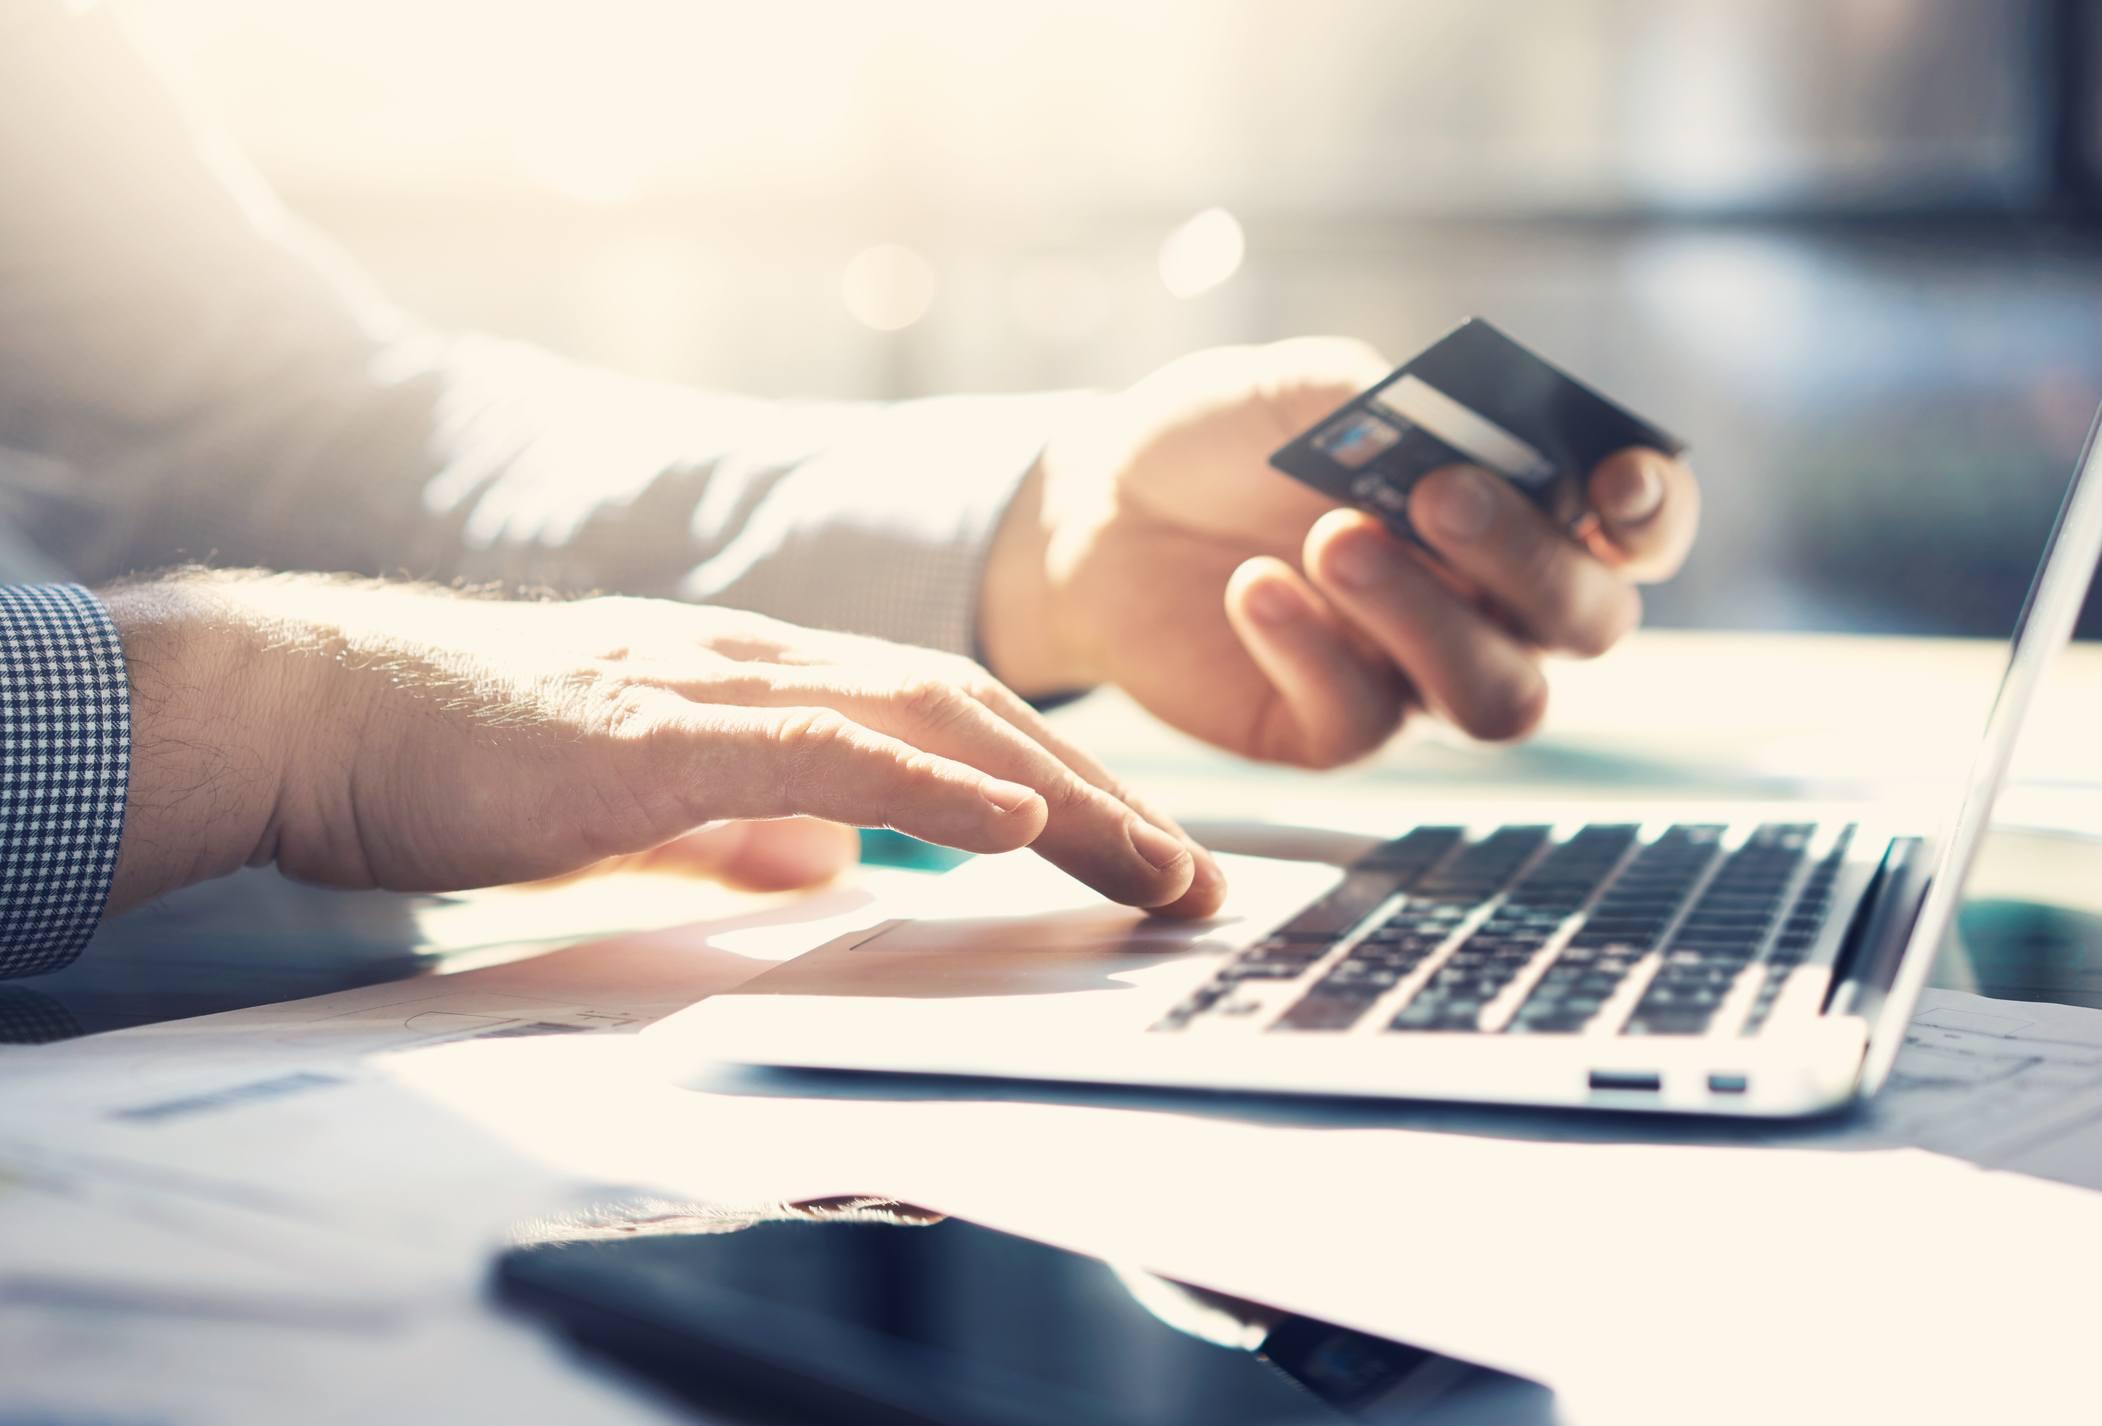 Man making an online payment